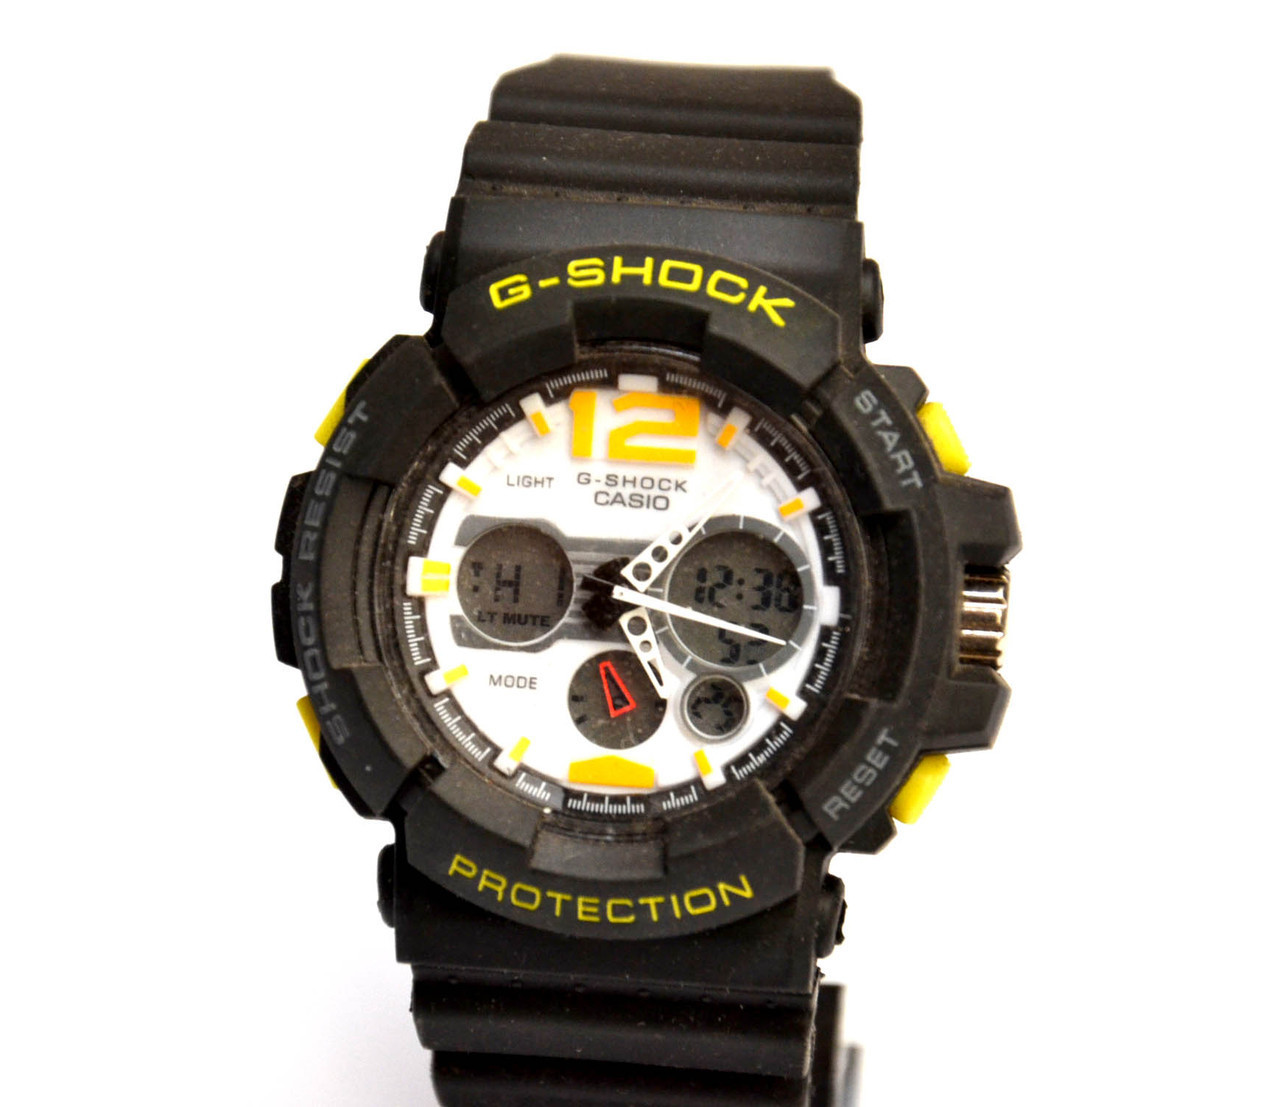 Наручний годинник Protection чорні з жовтим і білим